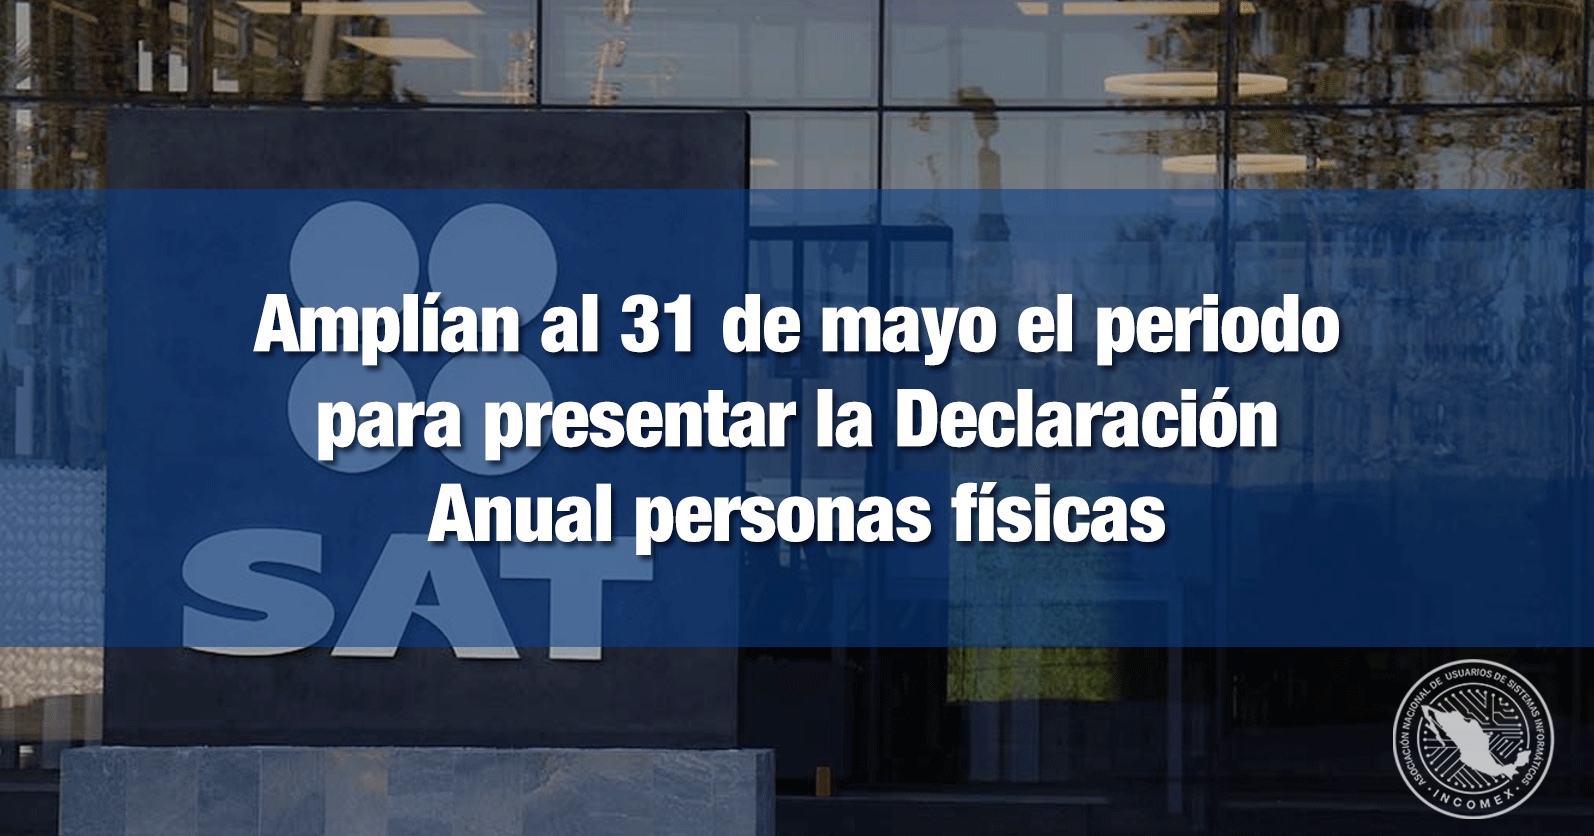 Amplían al 31 de mayo el periodo para presentar la Declaración Anual personas físicas